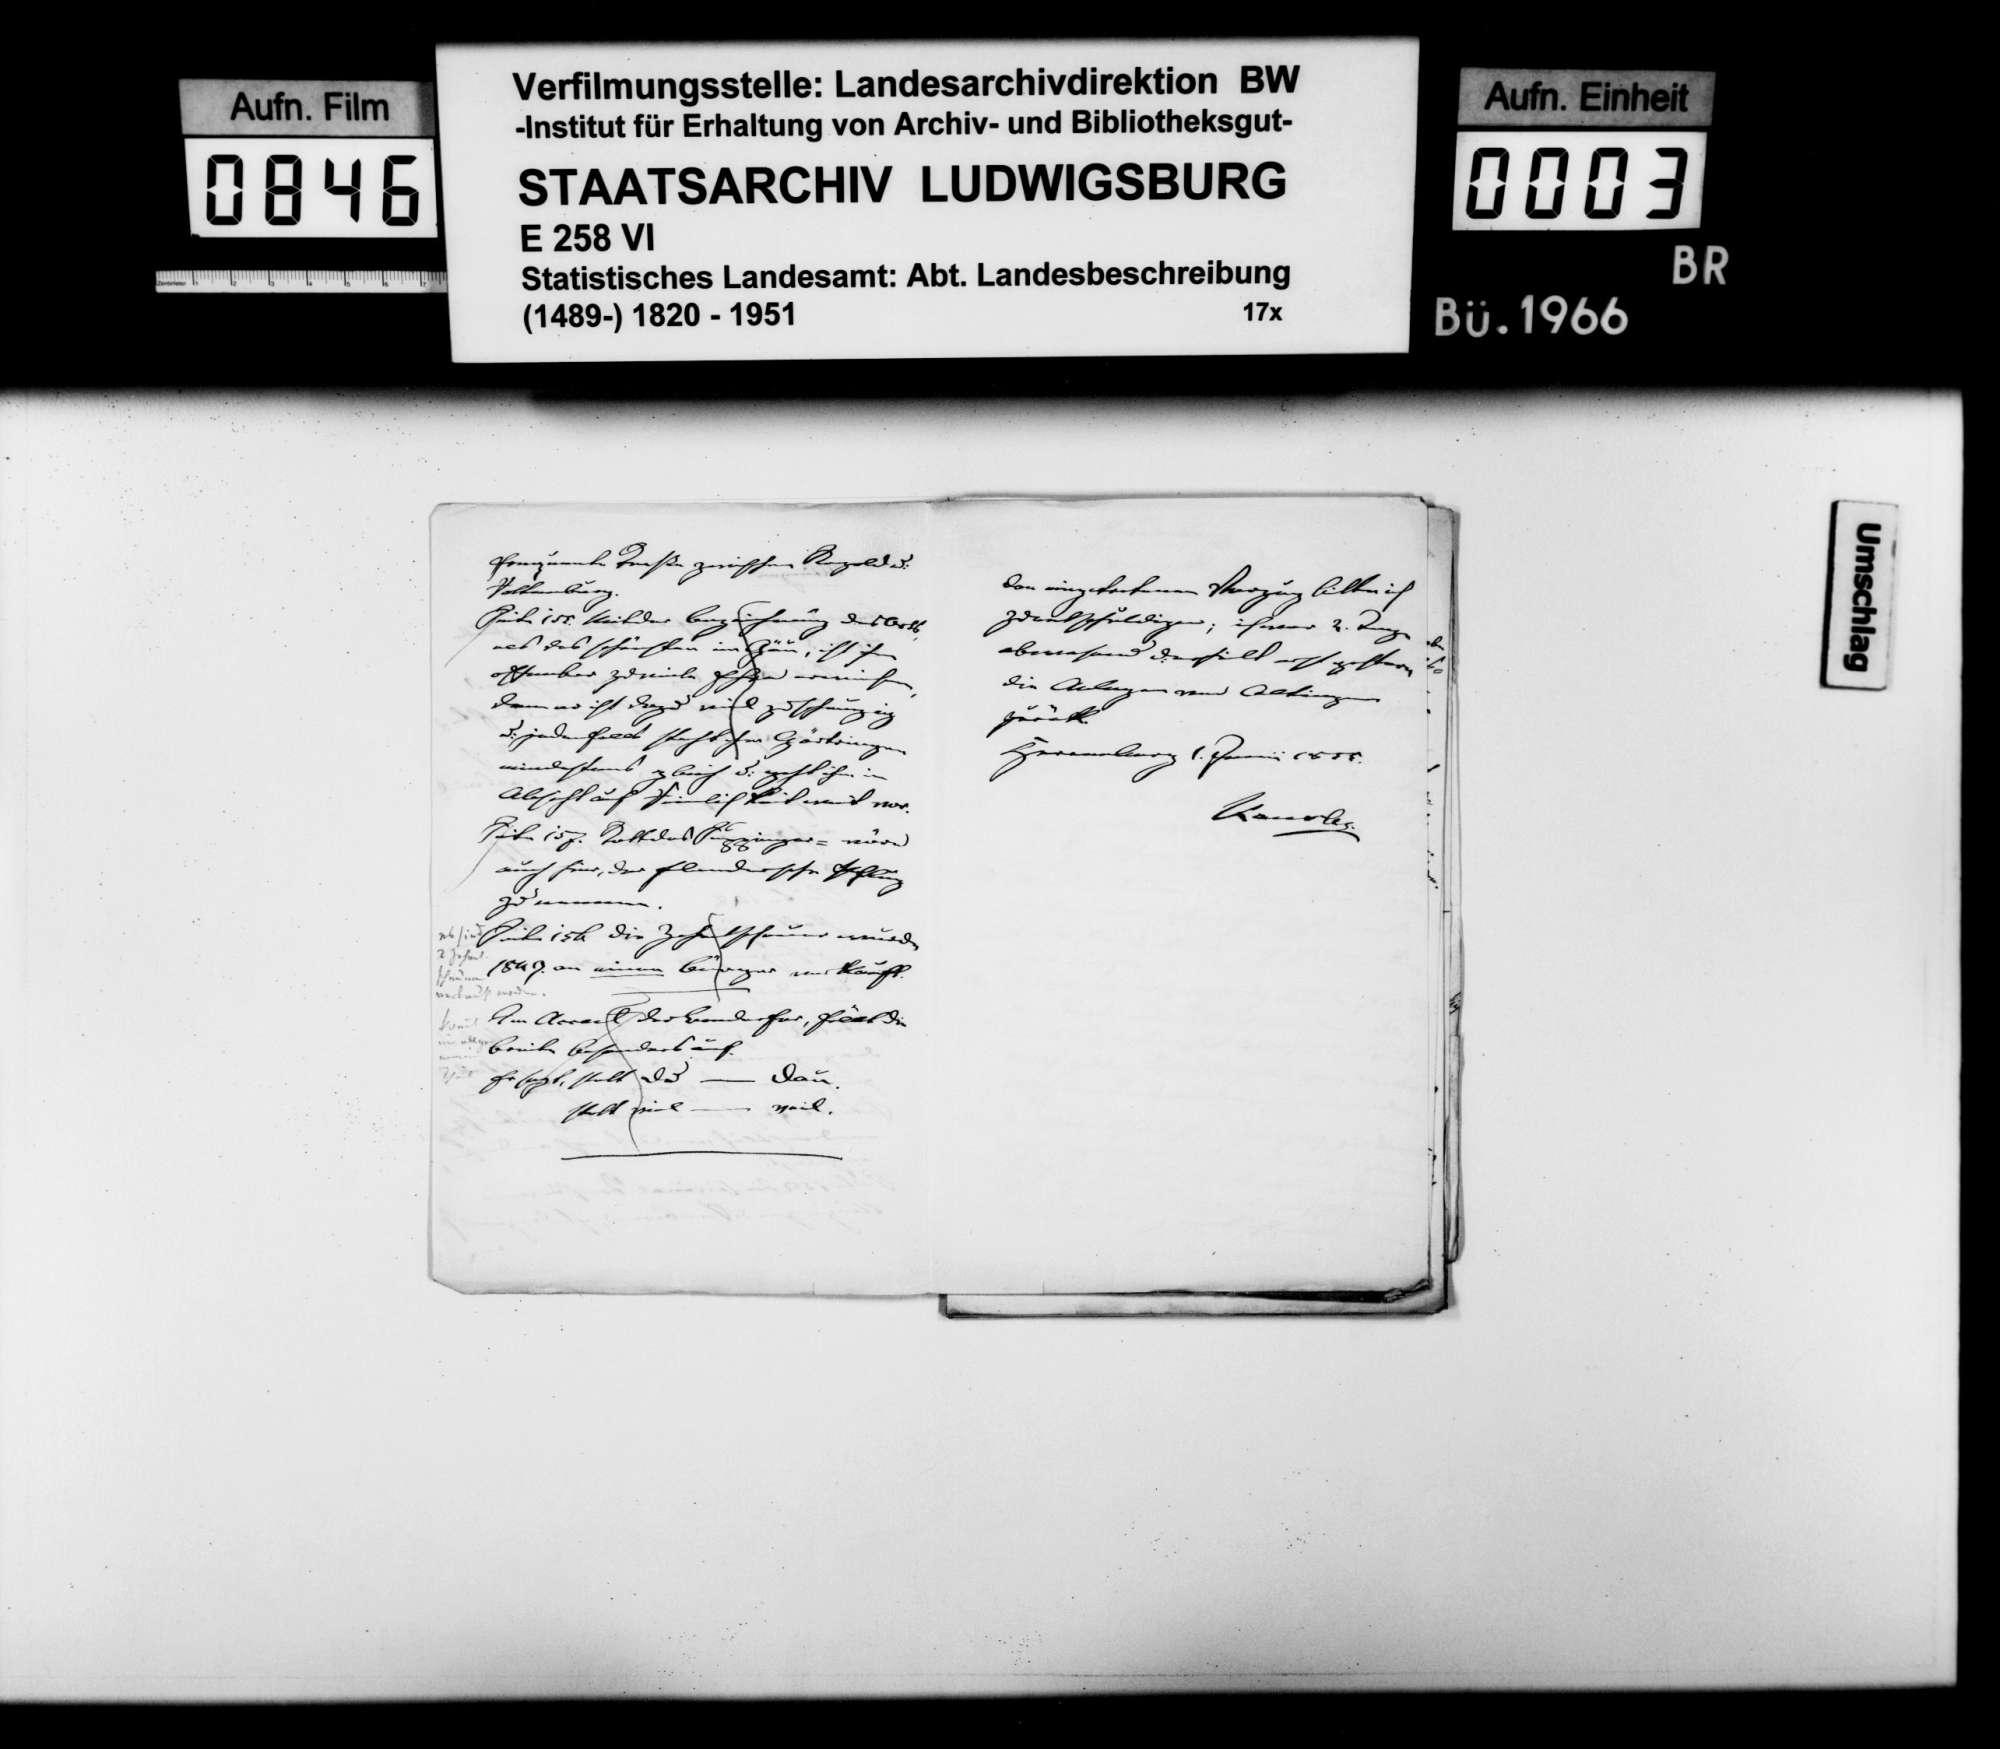 Korrekturen und Ergänzungen zum Manuskript der OAB durch Oberamtmann Kausler sowie verschiedene Auskünfte zu offenen Fragen der Ortsbeschreibung, Bild 2